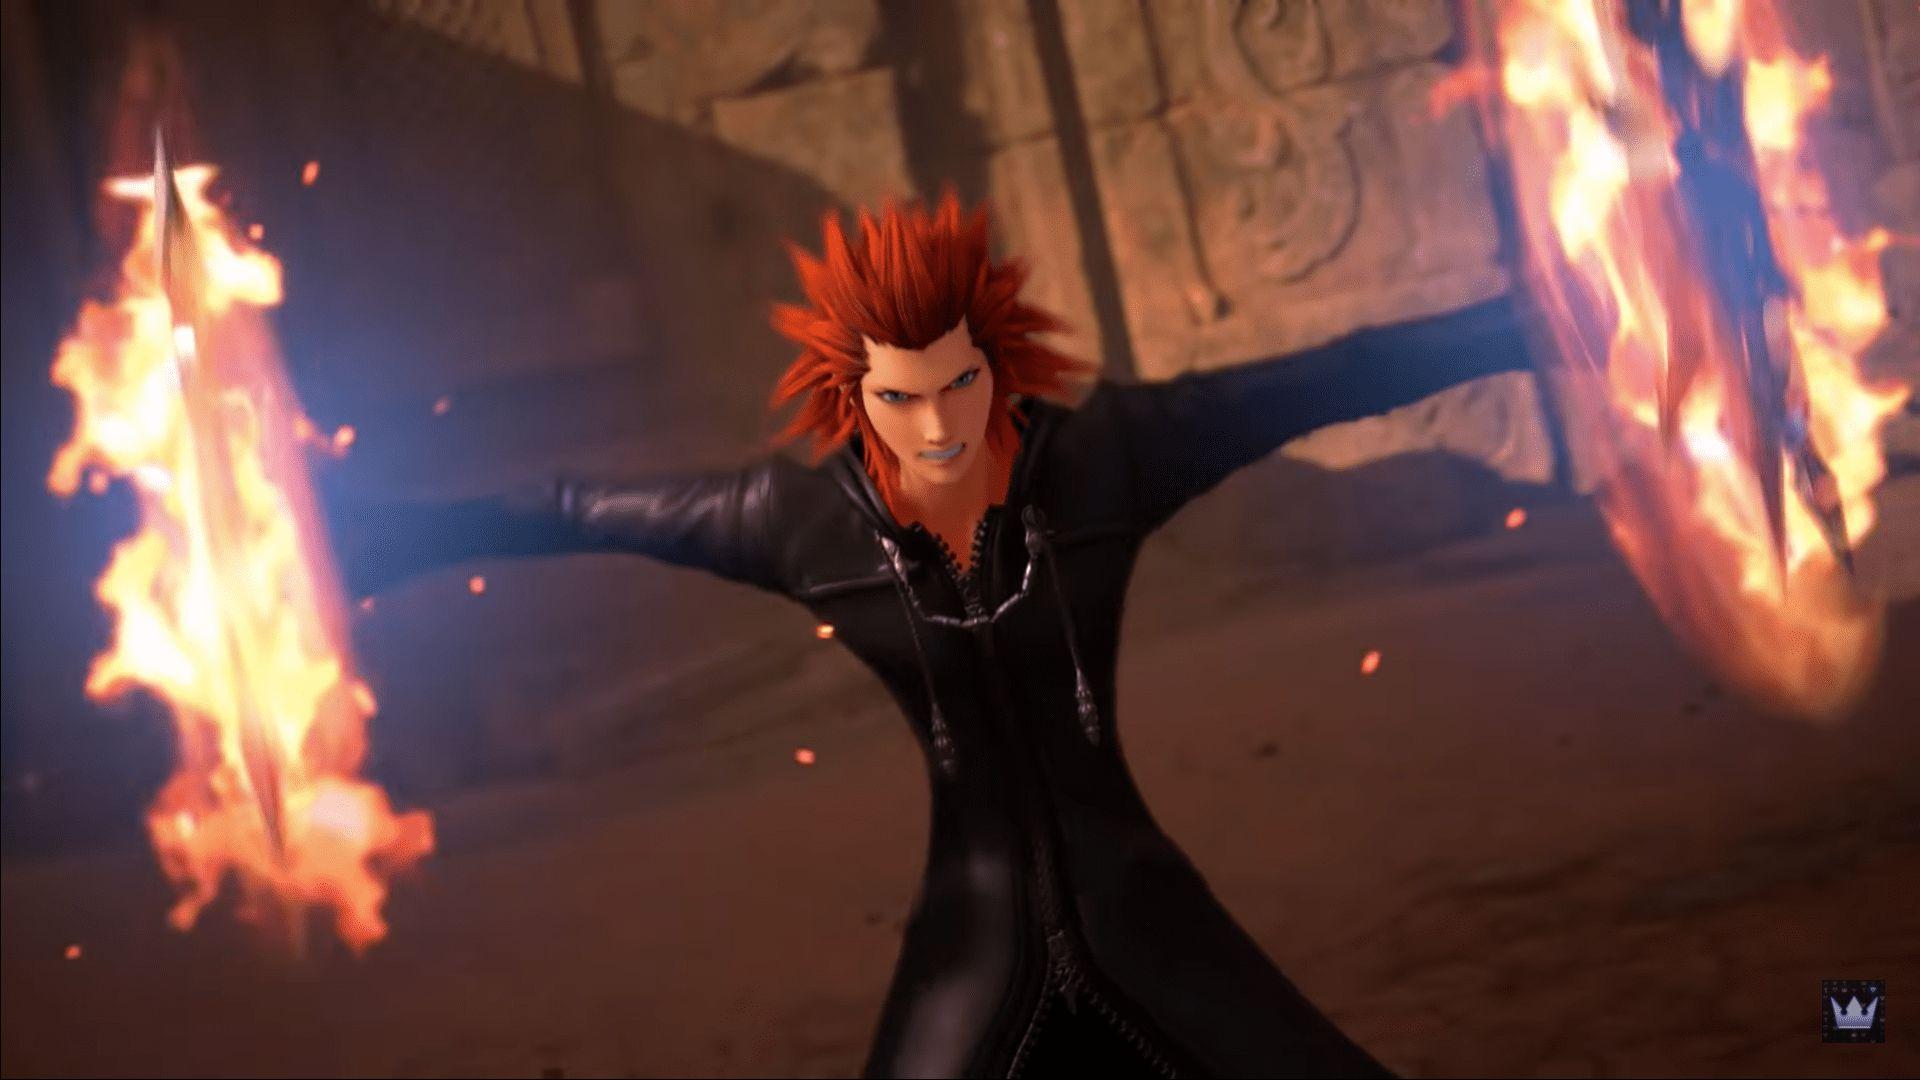 Kingdom Hearts III: Re Mind